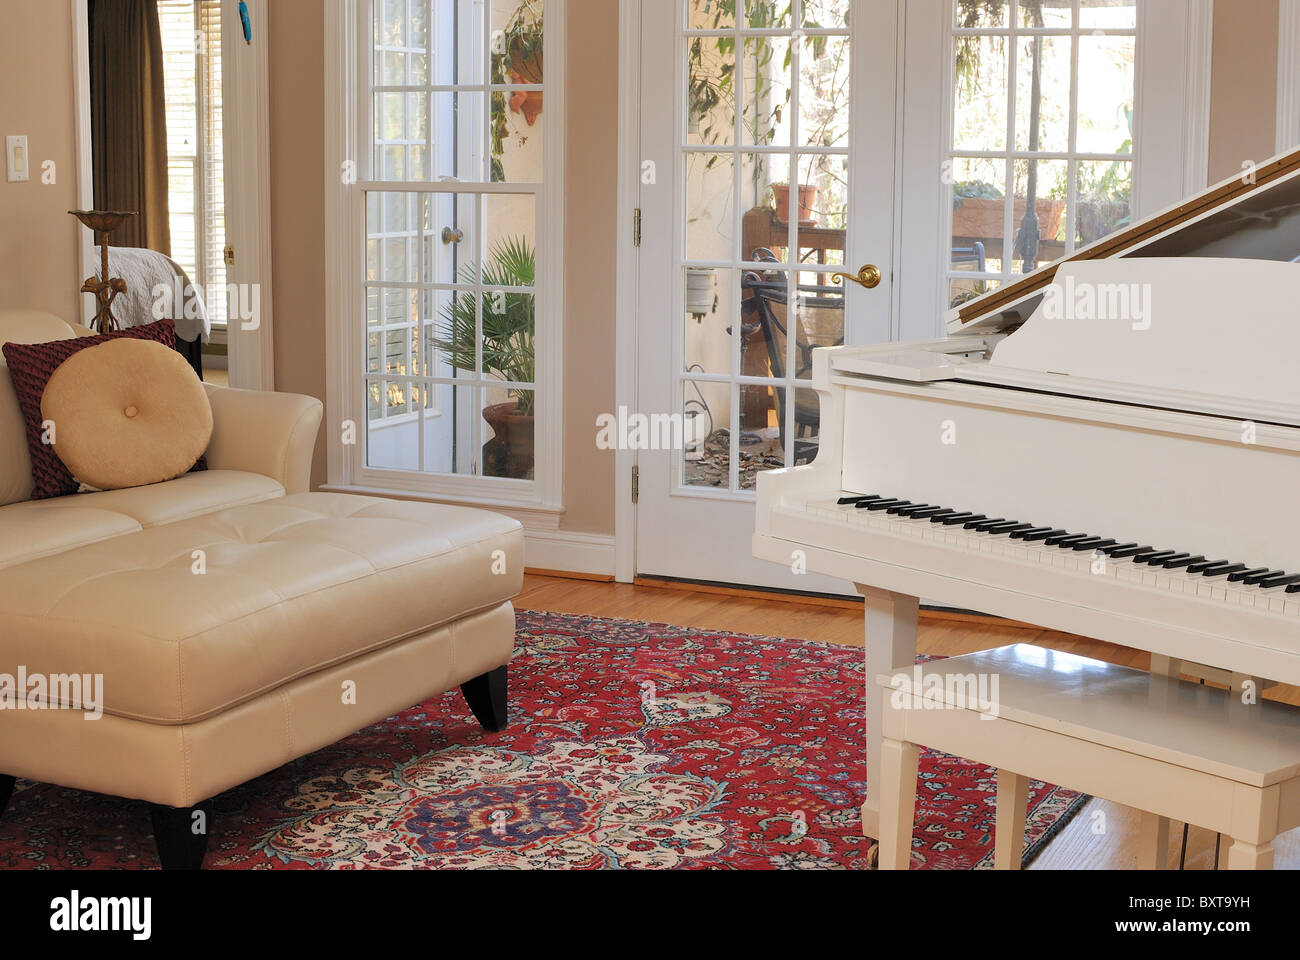 Zeitgenössische Wohnzimmer Einrichtung mit Sofa, Couch, Klavier und Fenster Blick auf die Terrasse Deck. Stockbild